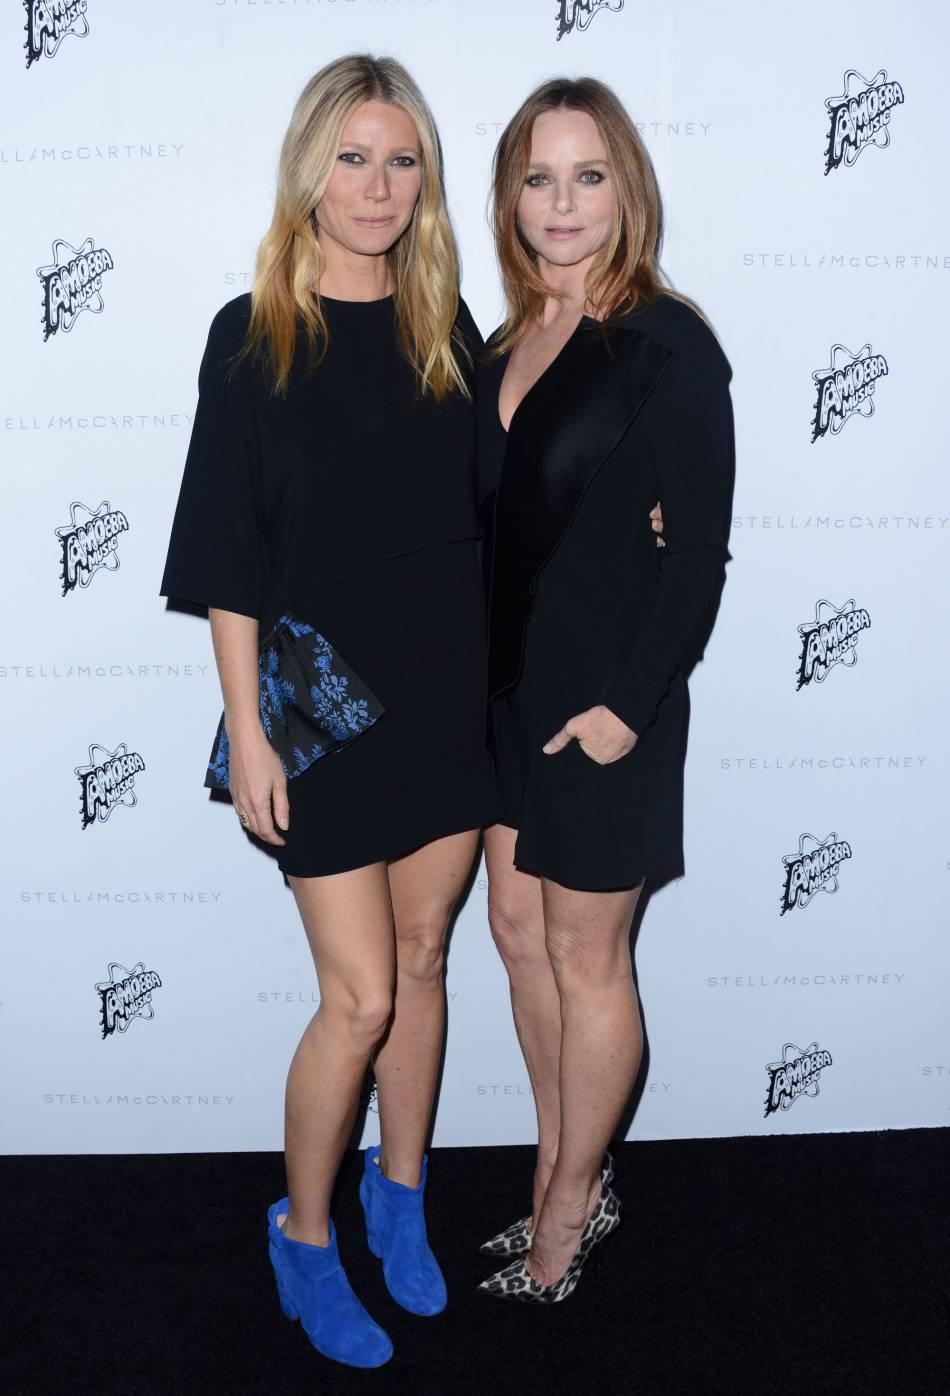 Gwyneth Paltrow et Stella McCartney à la présentation de la collection de l'Automne 2016 de Stella McCartney, à Los Angeles, ce mardi 12 janvier 2016.